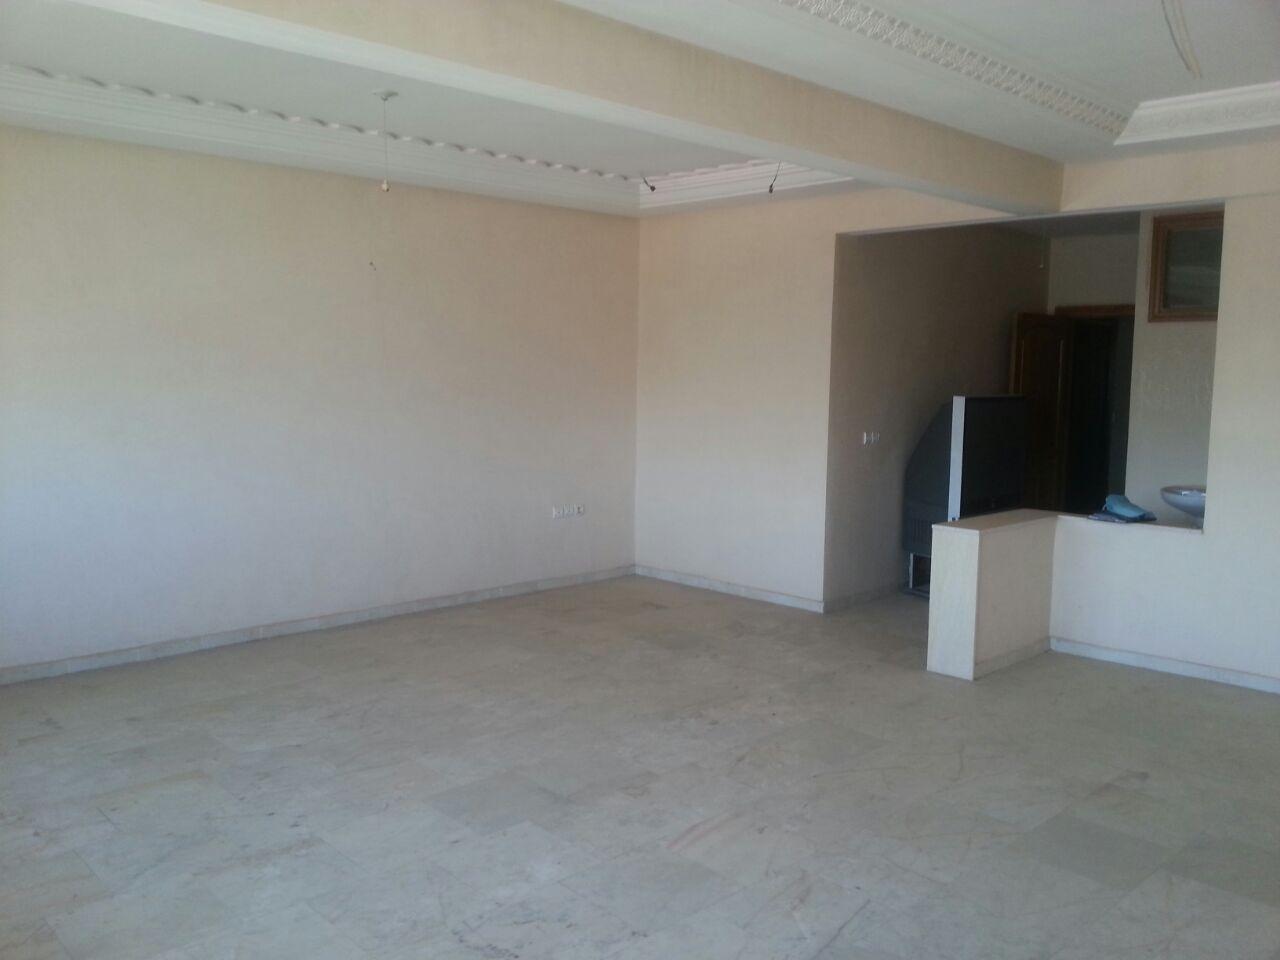 appartement au 6 me tage avec ascenseur immobilier fes. Black Bedroom Furniture Sets. Home Design Ideas